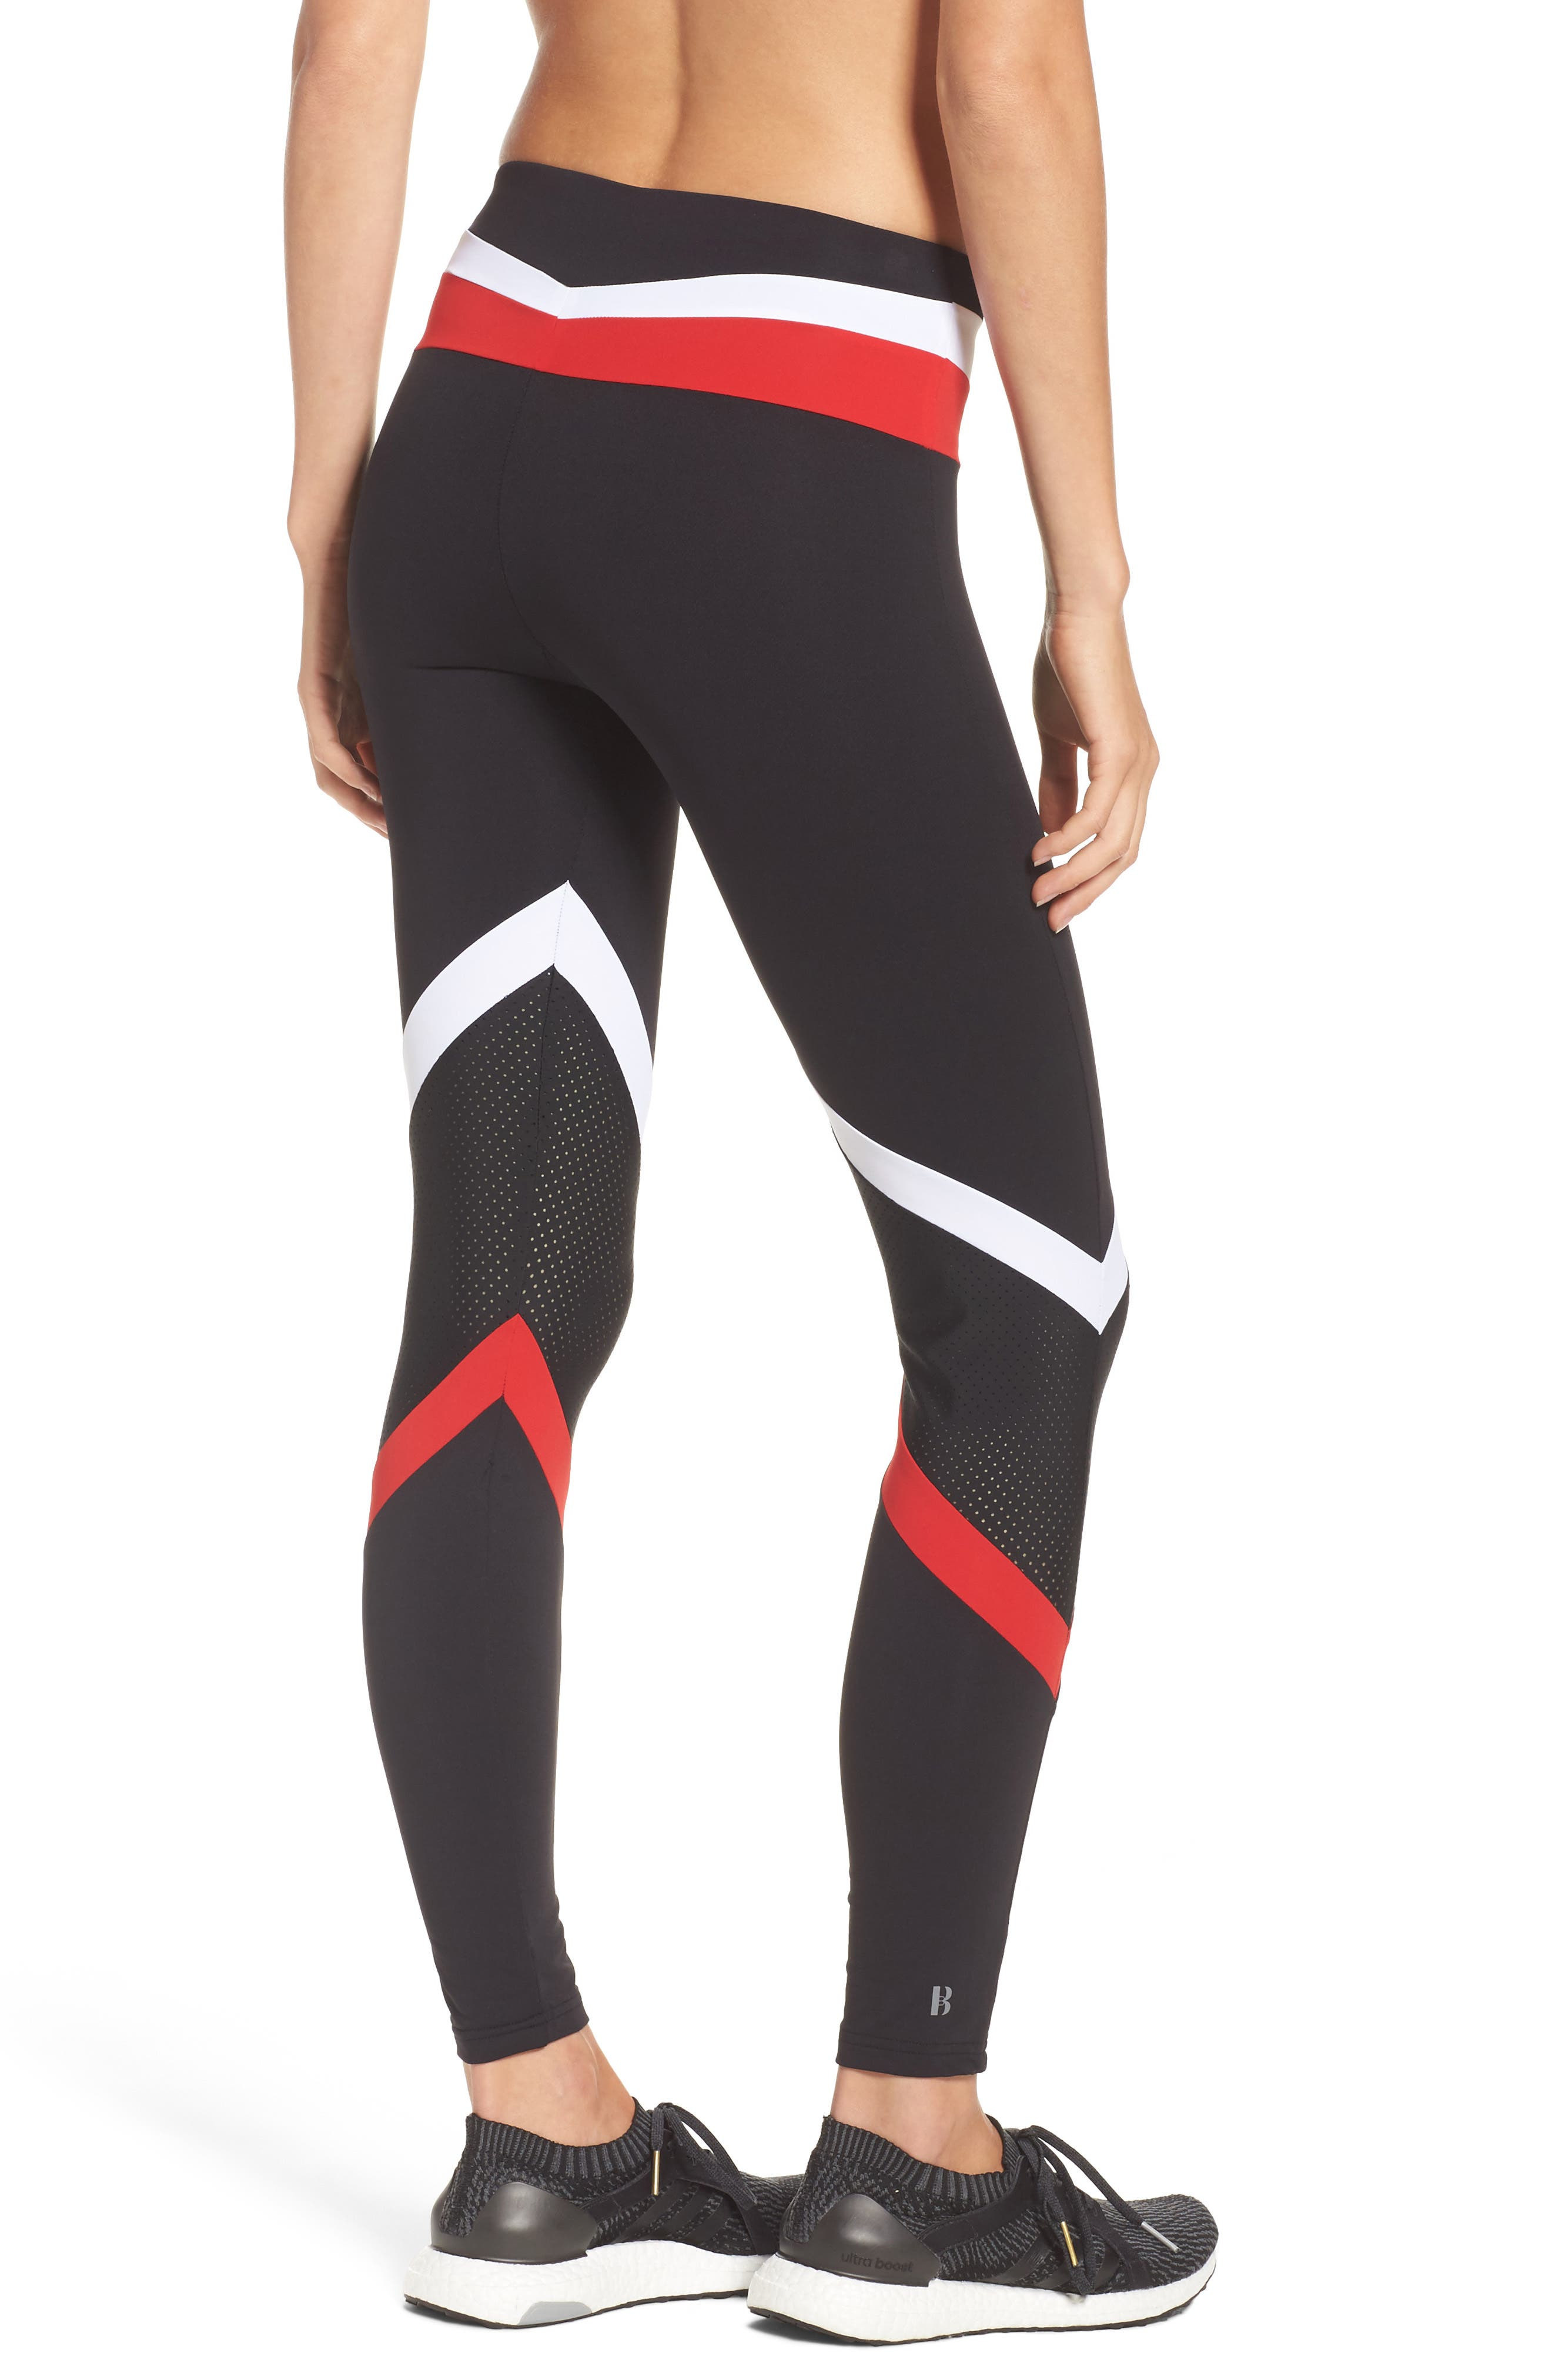 BoomBoom Athletica Leggings,                             Alternate thumbnail 2, color,                             Black/ White/ Red